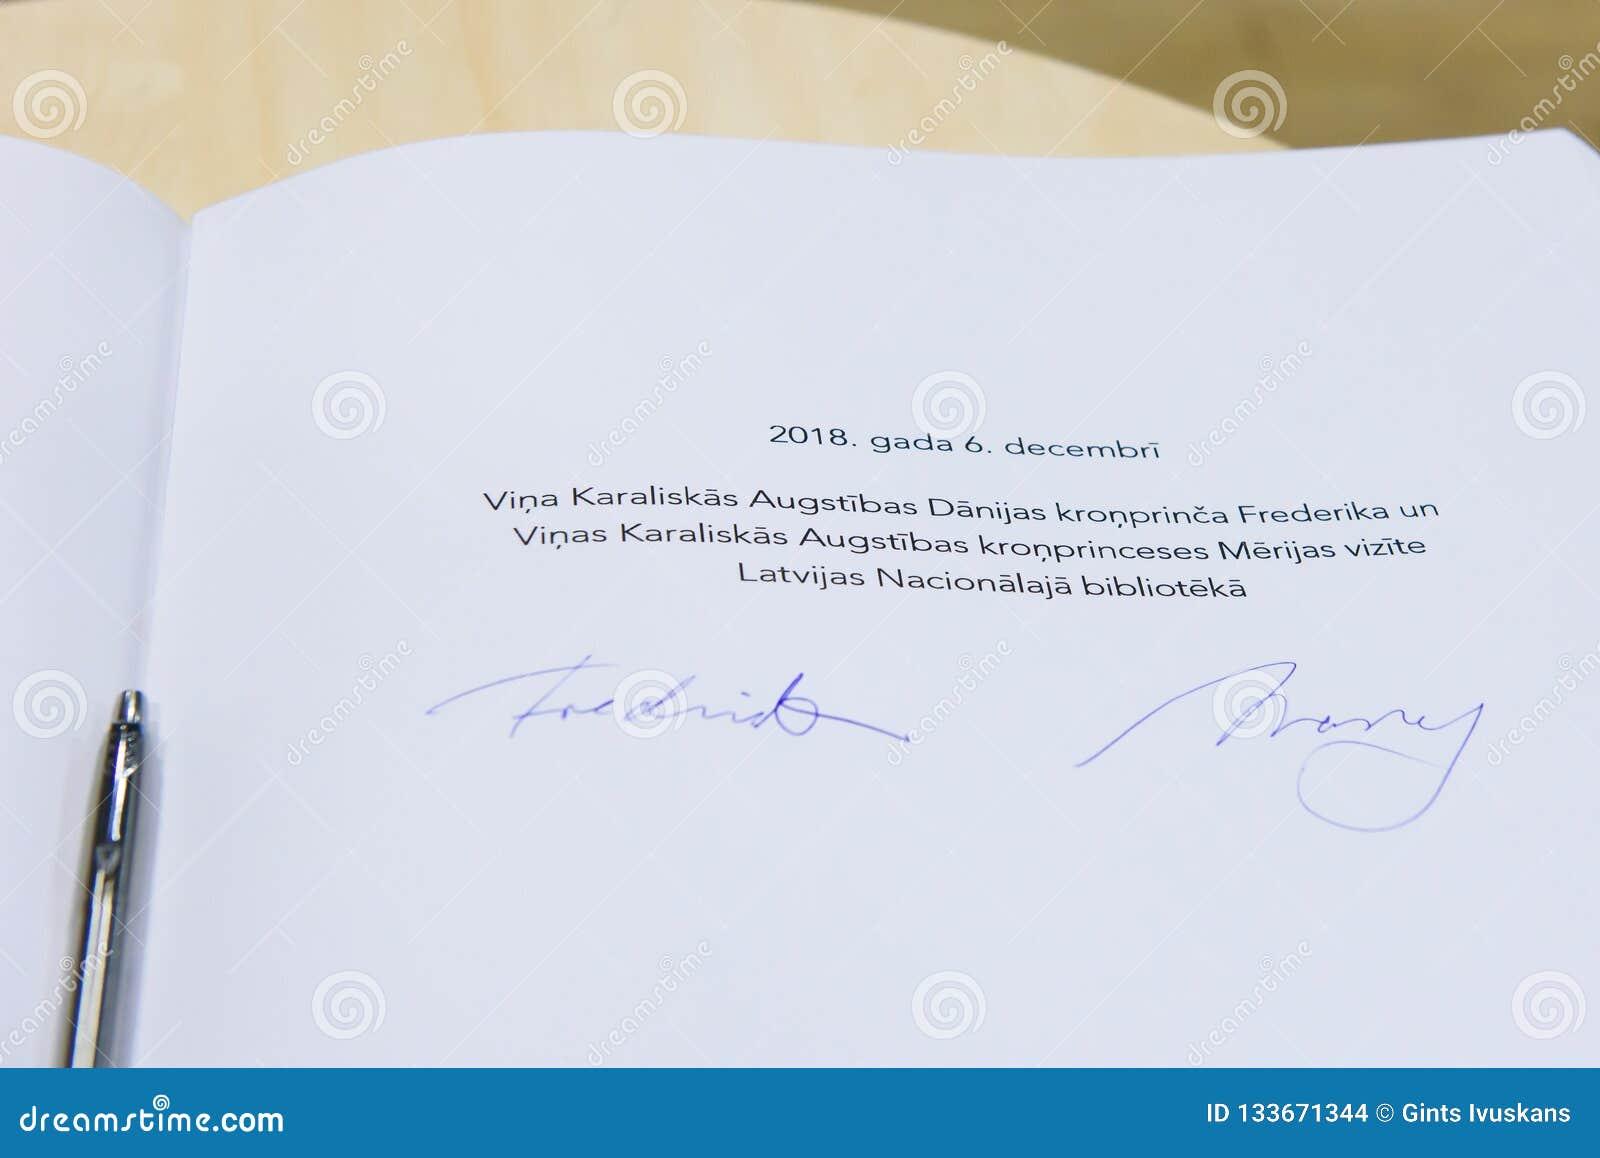 Подпись на гостевой книге, наследного принца Дании Frederik